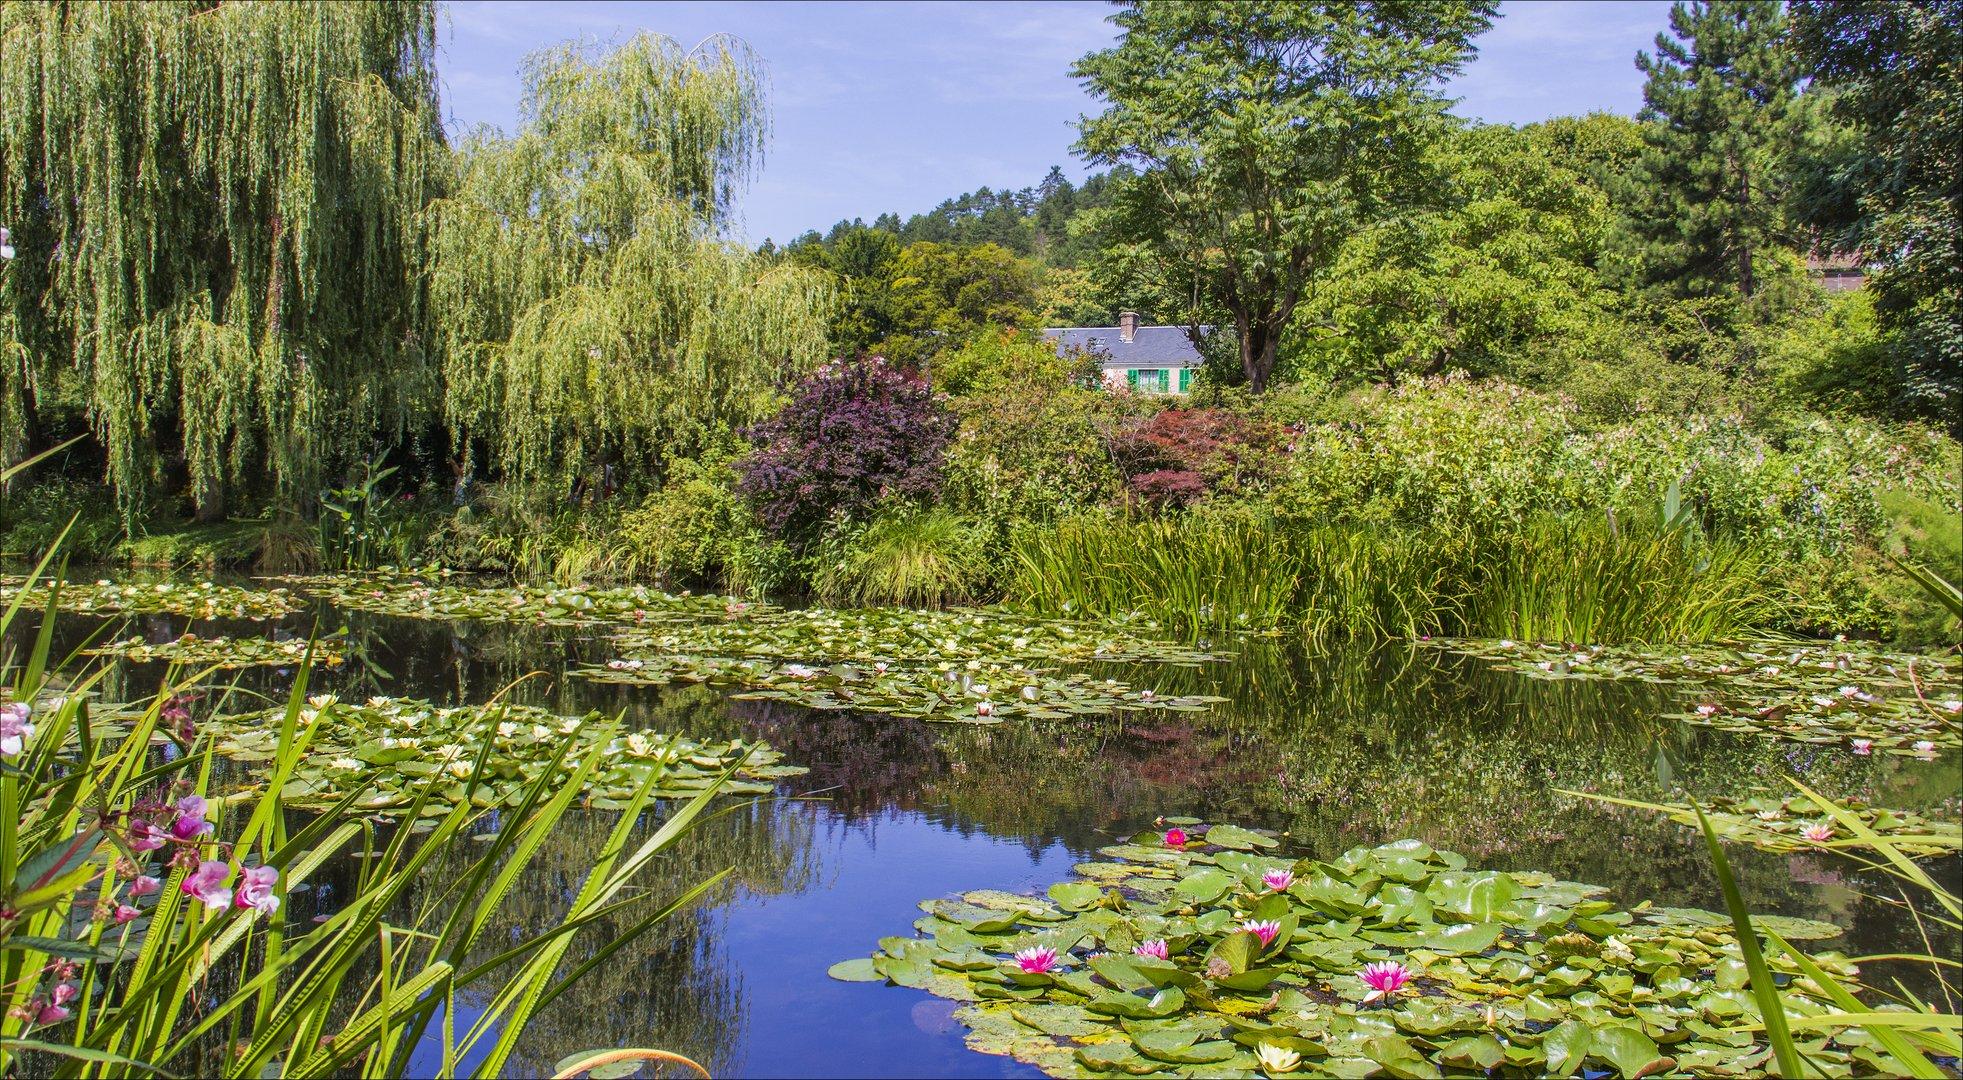 Les jardins de Claude Monet photo et image | animations photographiques, exercices photo 2020 ...